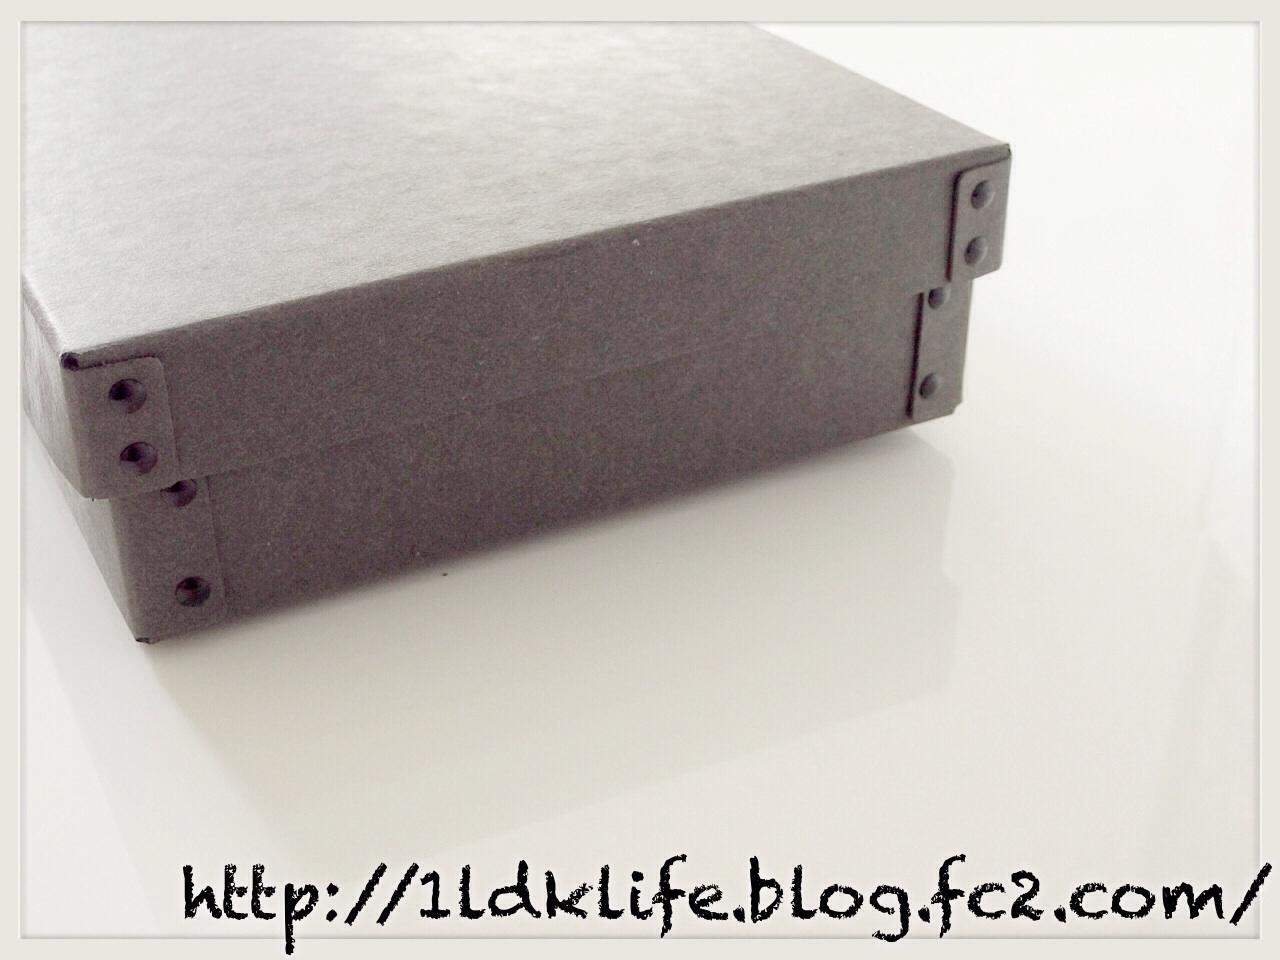 無印良品の硬質パルプボックス、蓋付き。